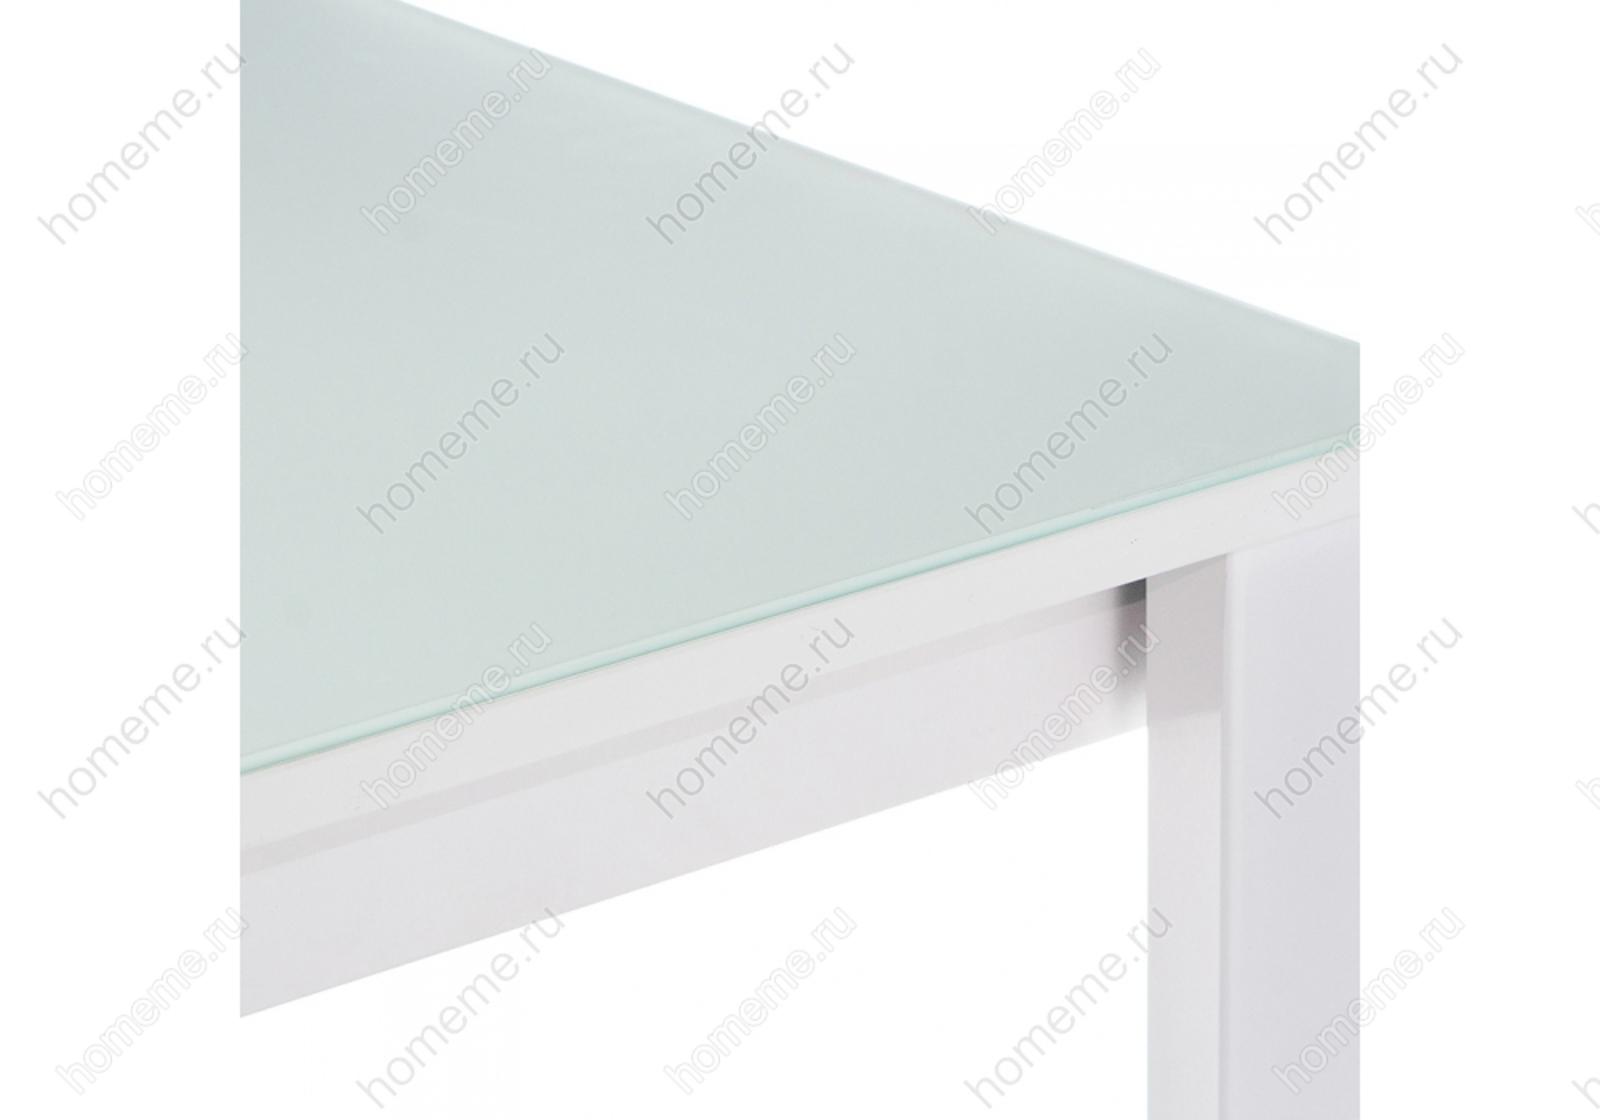 Стол стеклянный Ноэль 100 раздвижной  белый 302729 Ноэль 100 раздвижной  белый 302729 (15322)